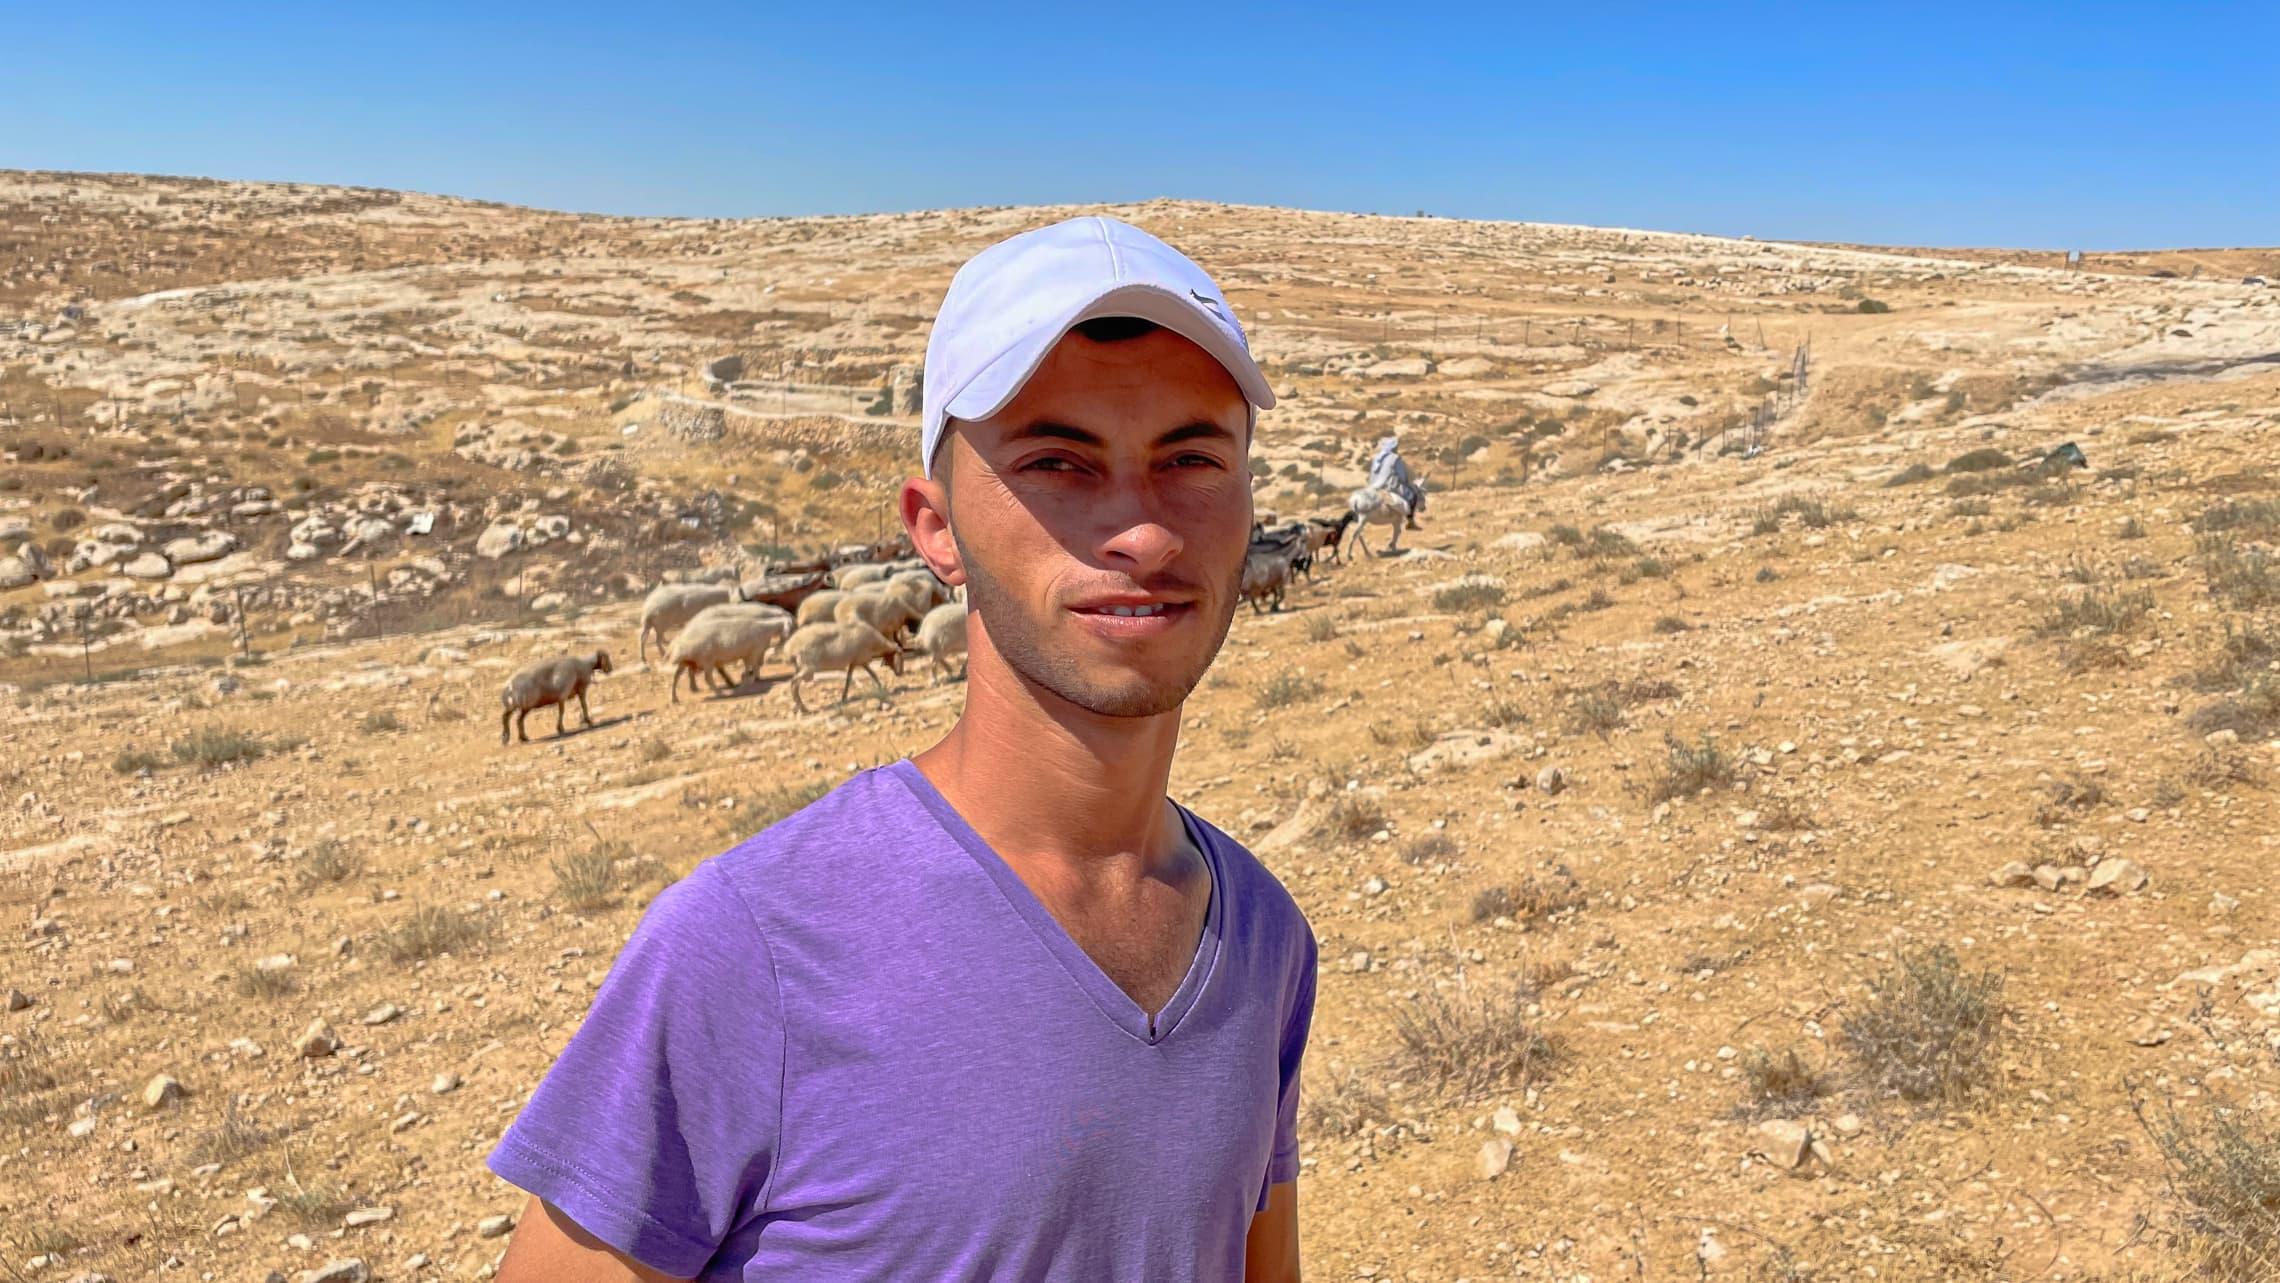 באסל אל-עדרה (צילום: אמיר בן-דוד)